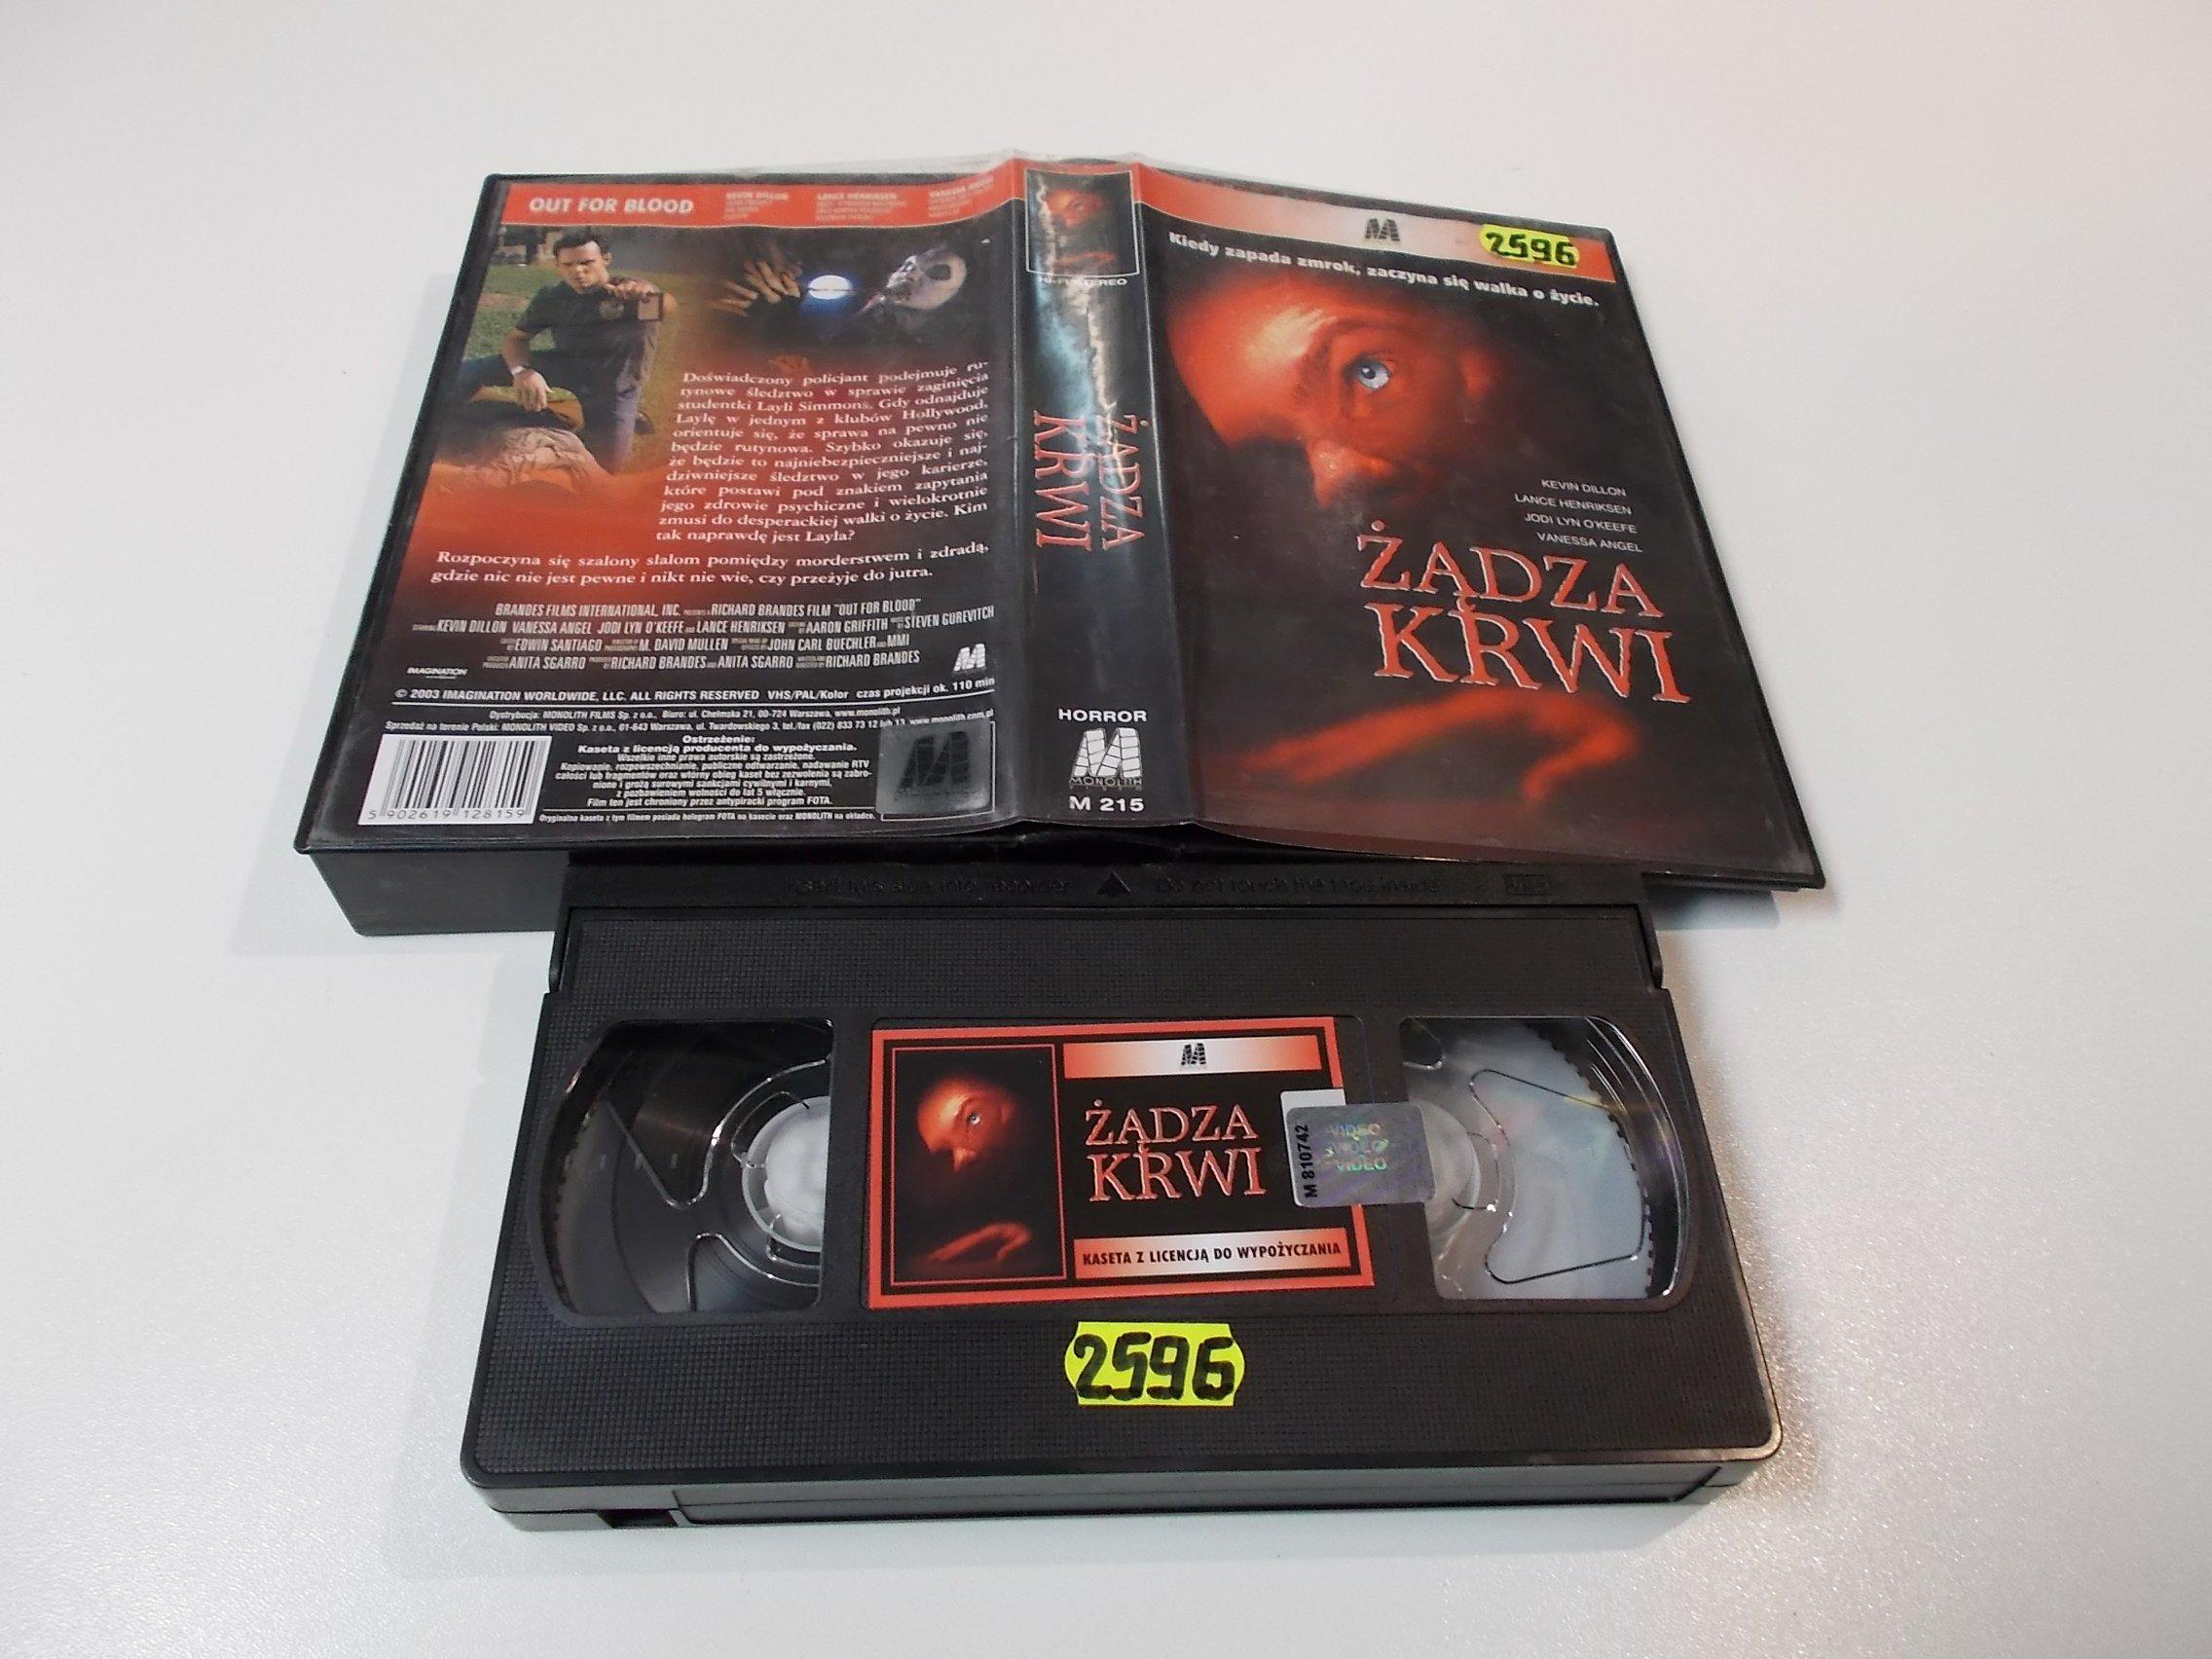 ŻĄDZA KRWI - VHS Kaseta Video - Opole 1591